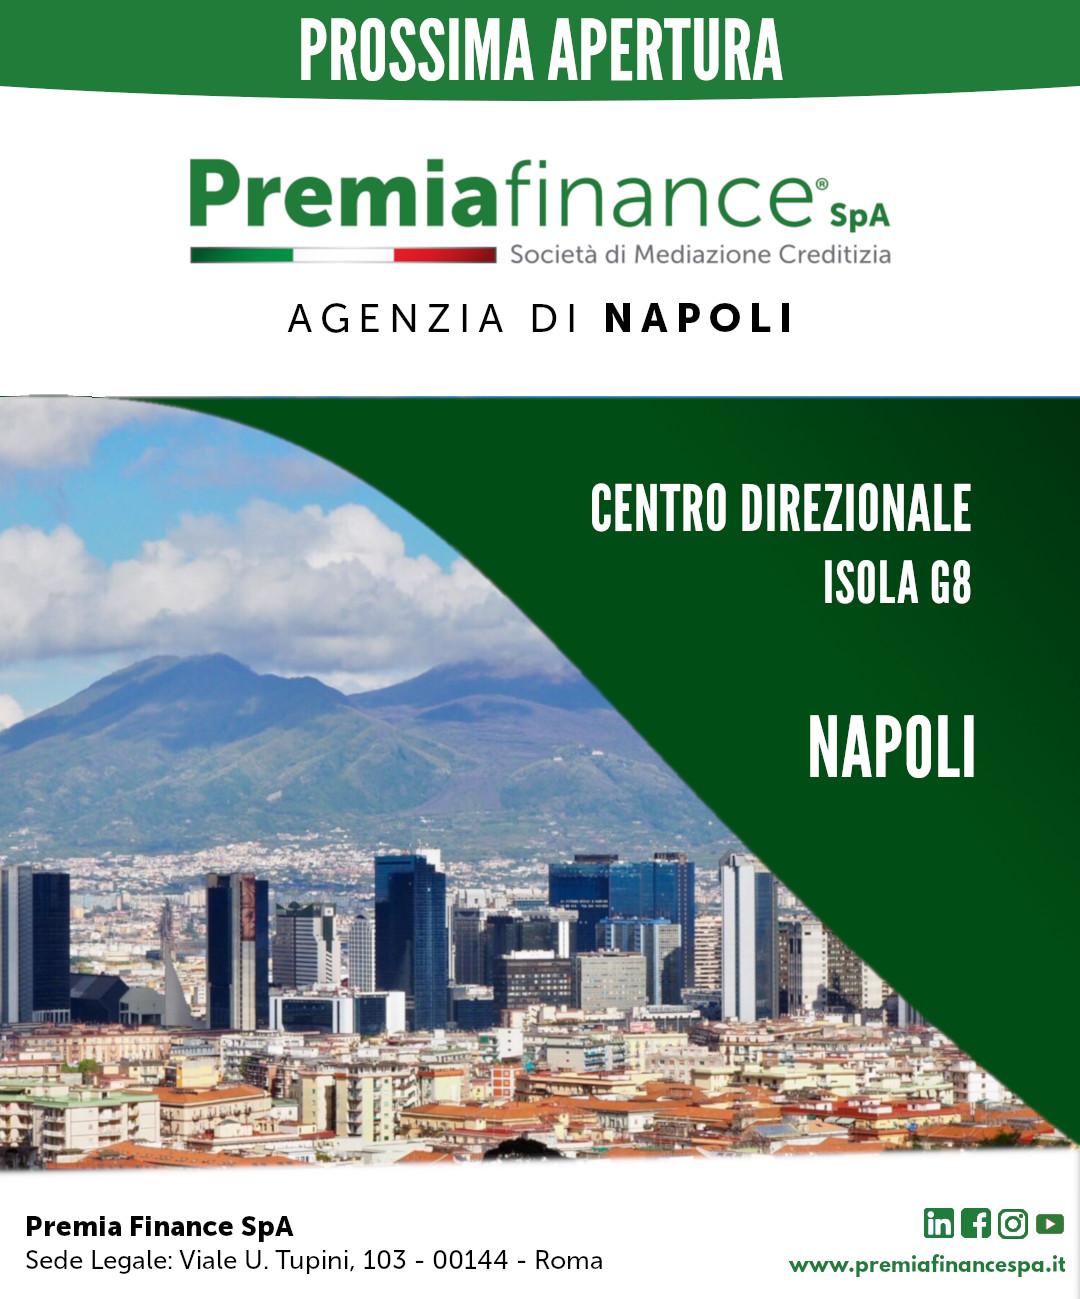 Prossima Apertura Agenzia di Napoli